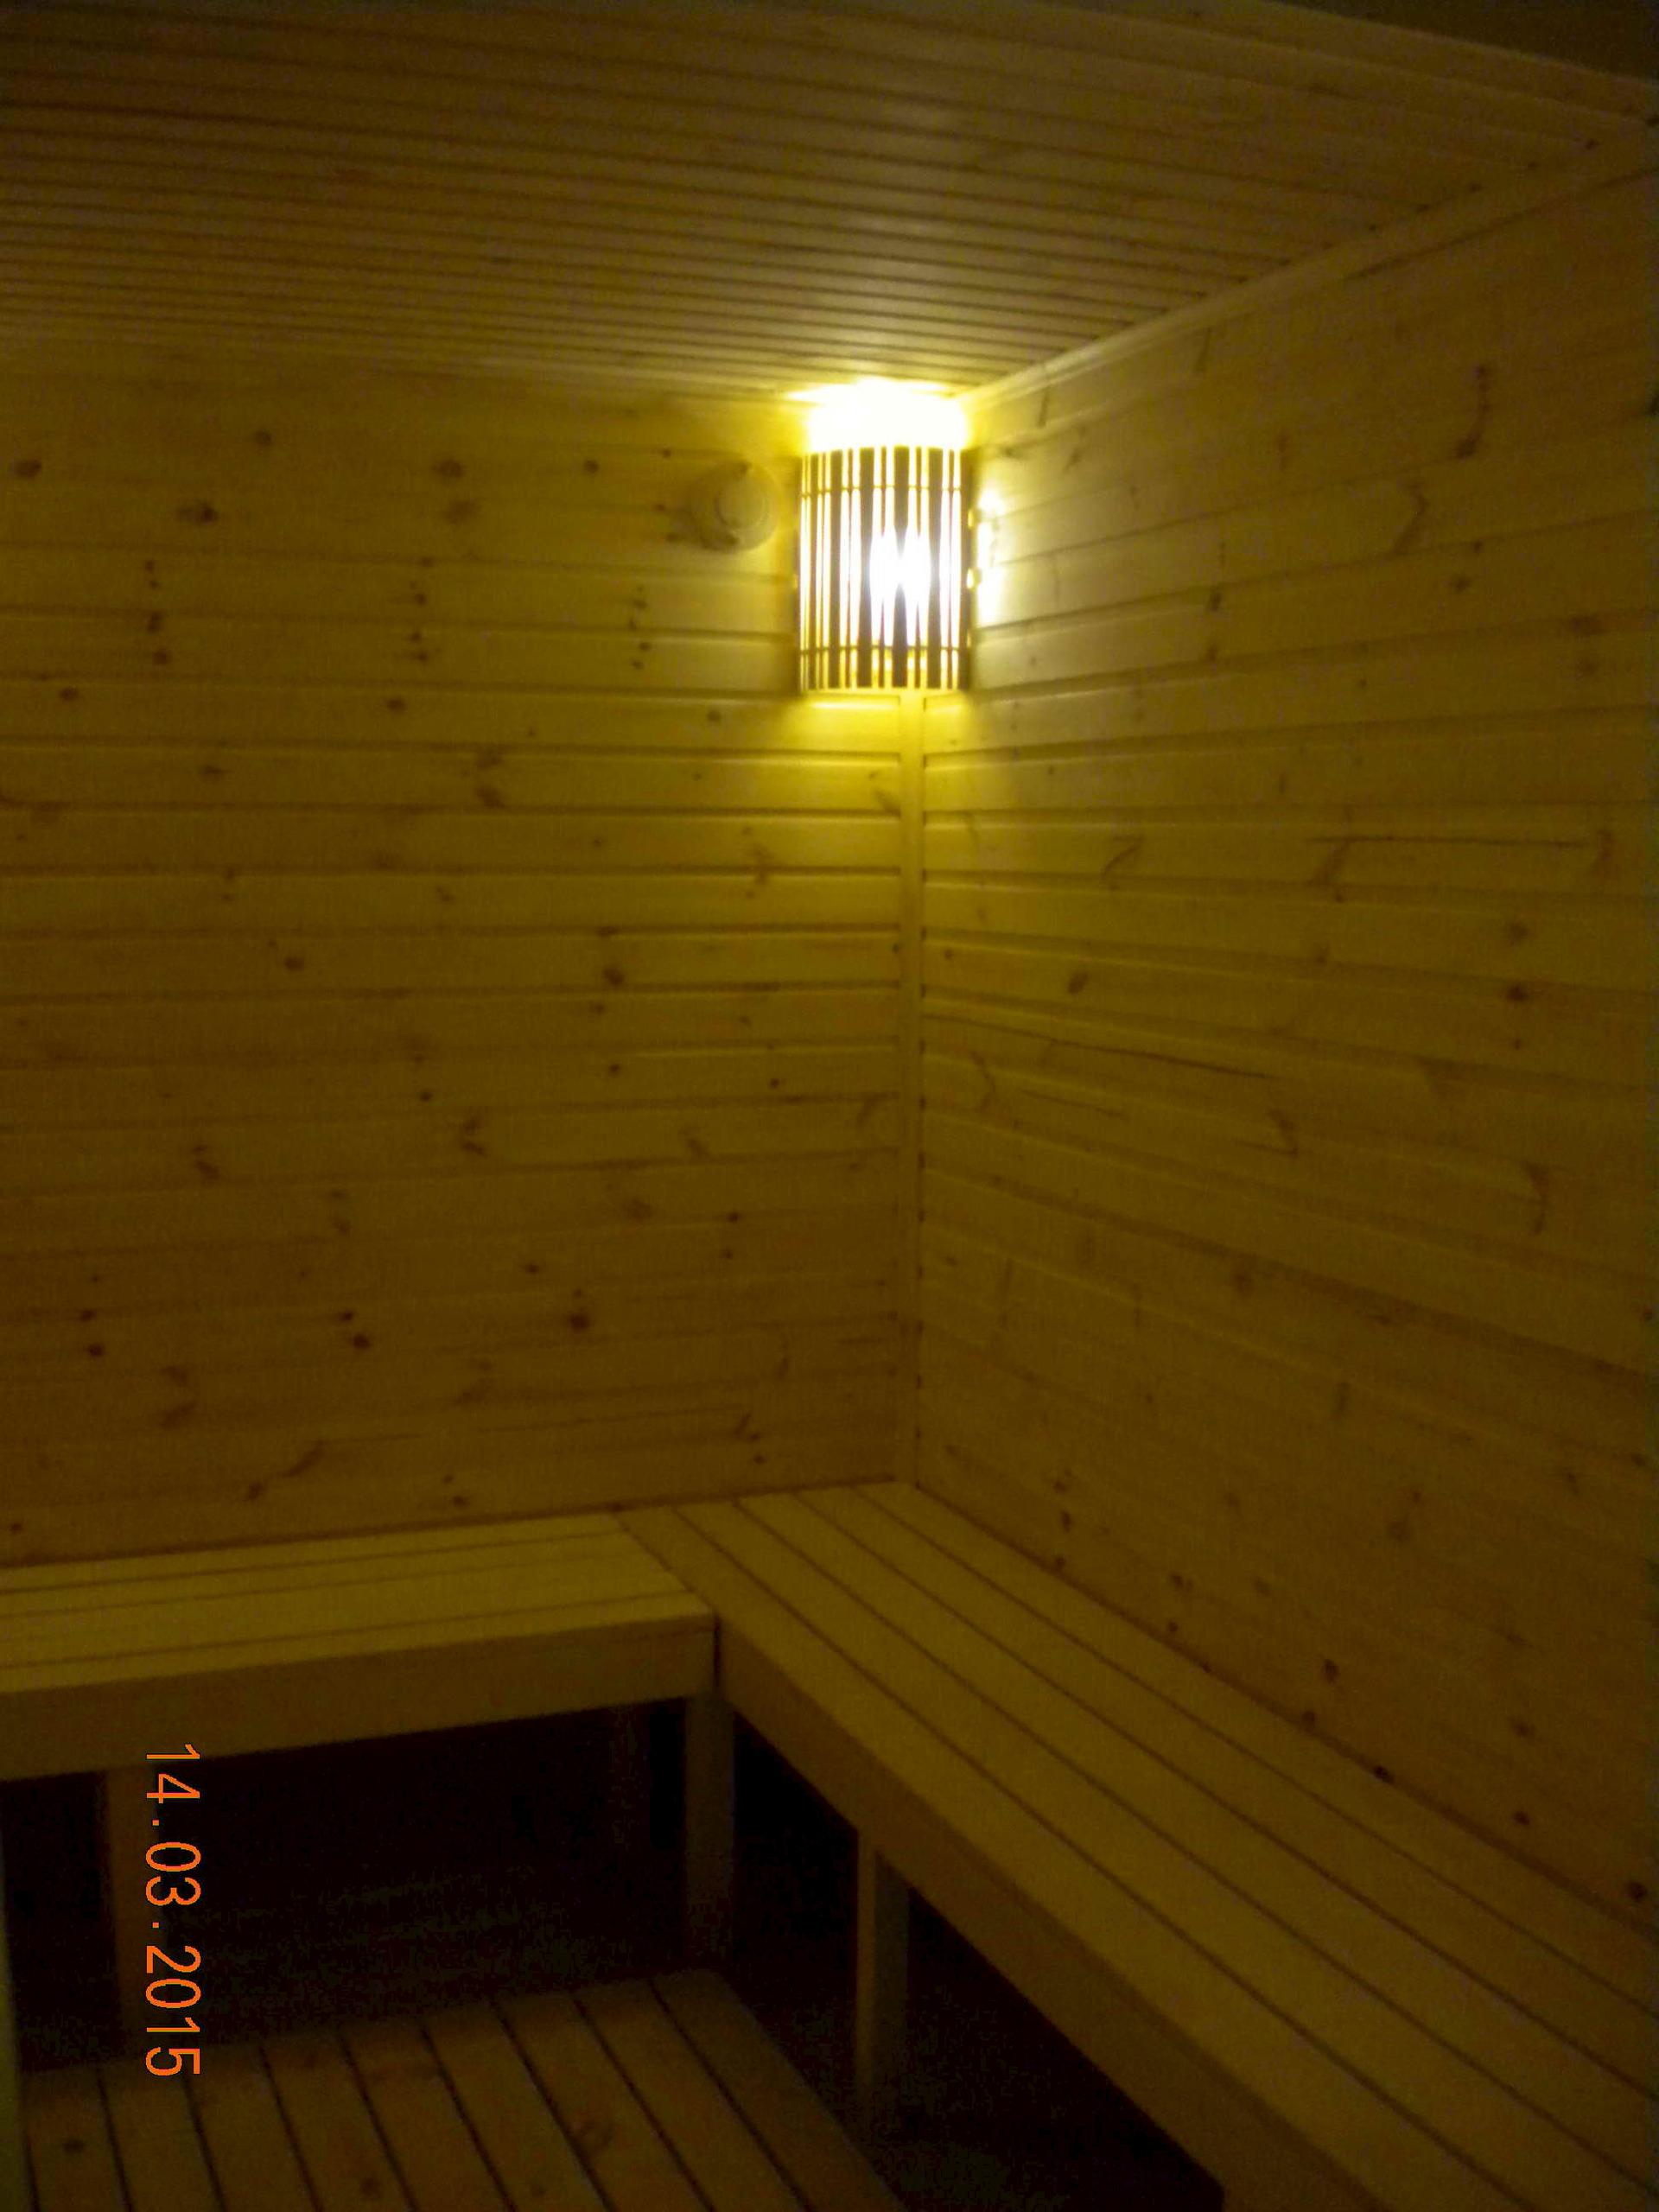 Внутренняя отделка бани своими руками из пеноблока: выбор материала. технология отделки парилки, моечной и комнаты отдыха